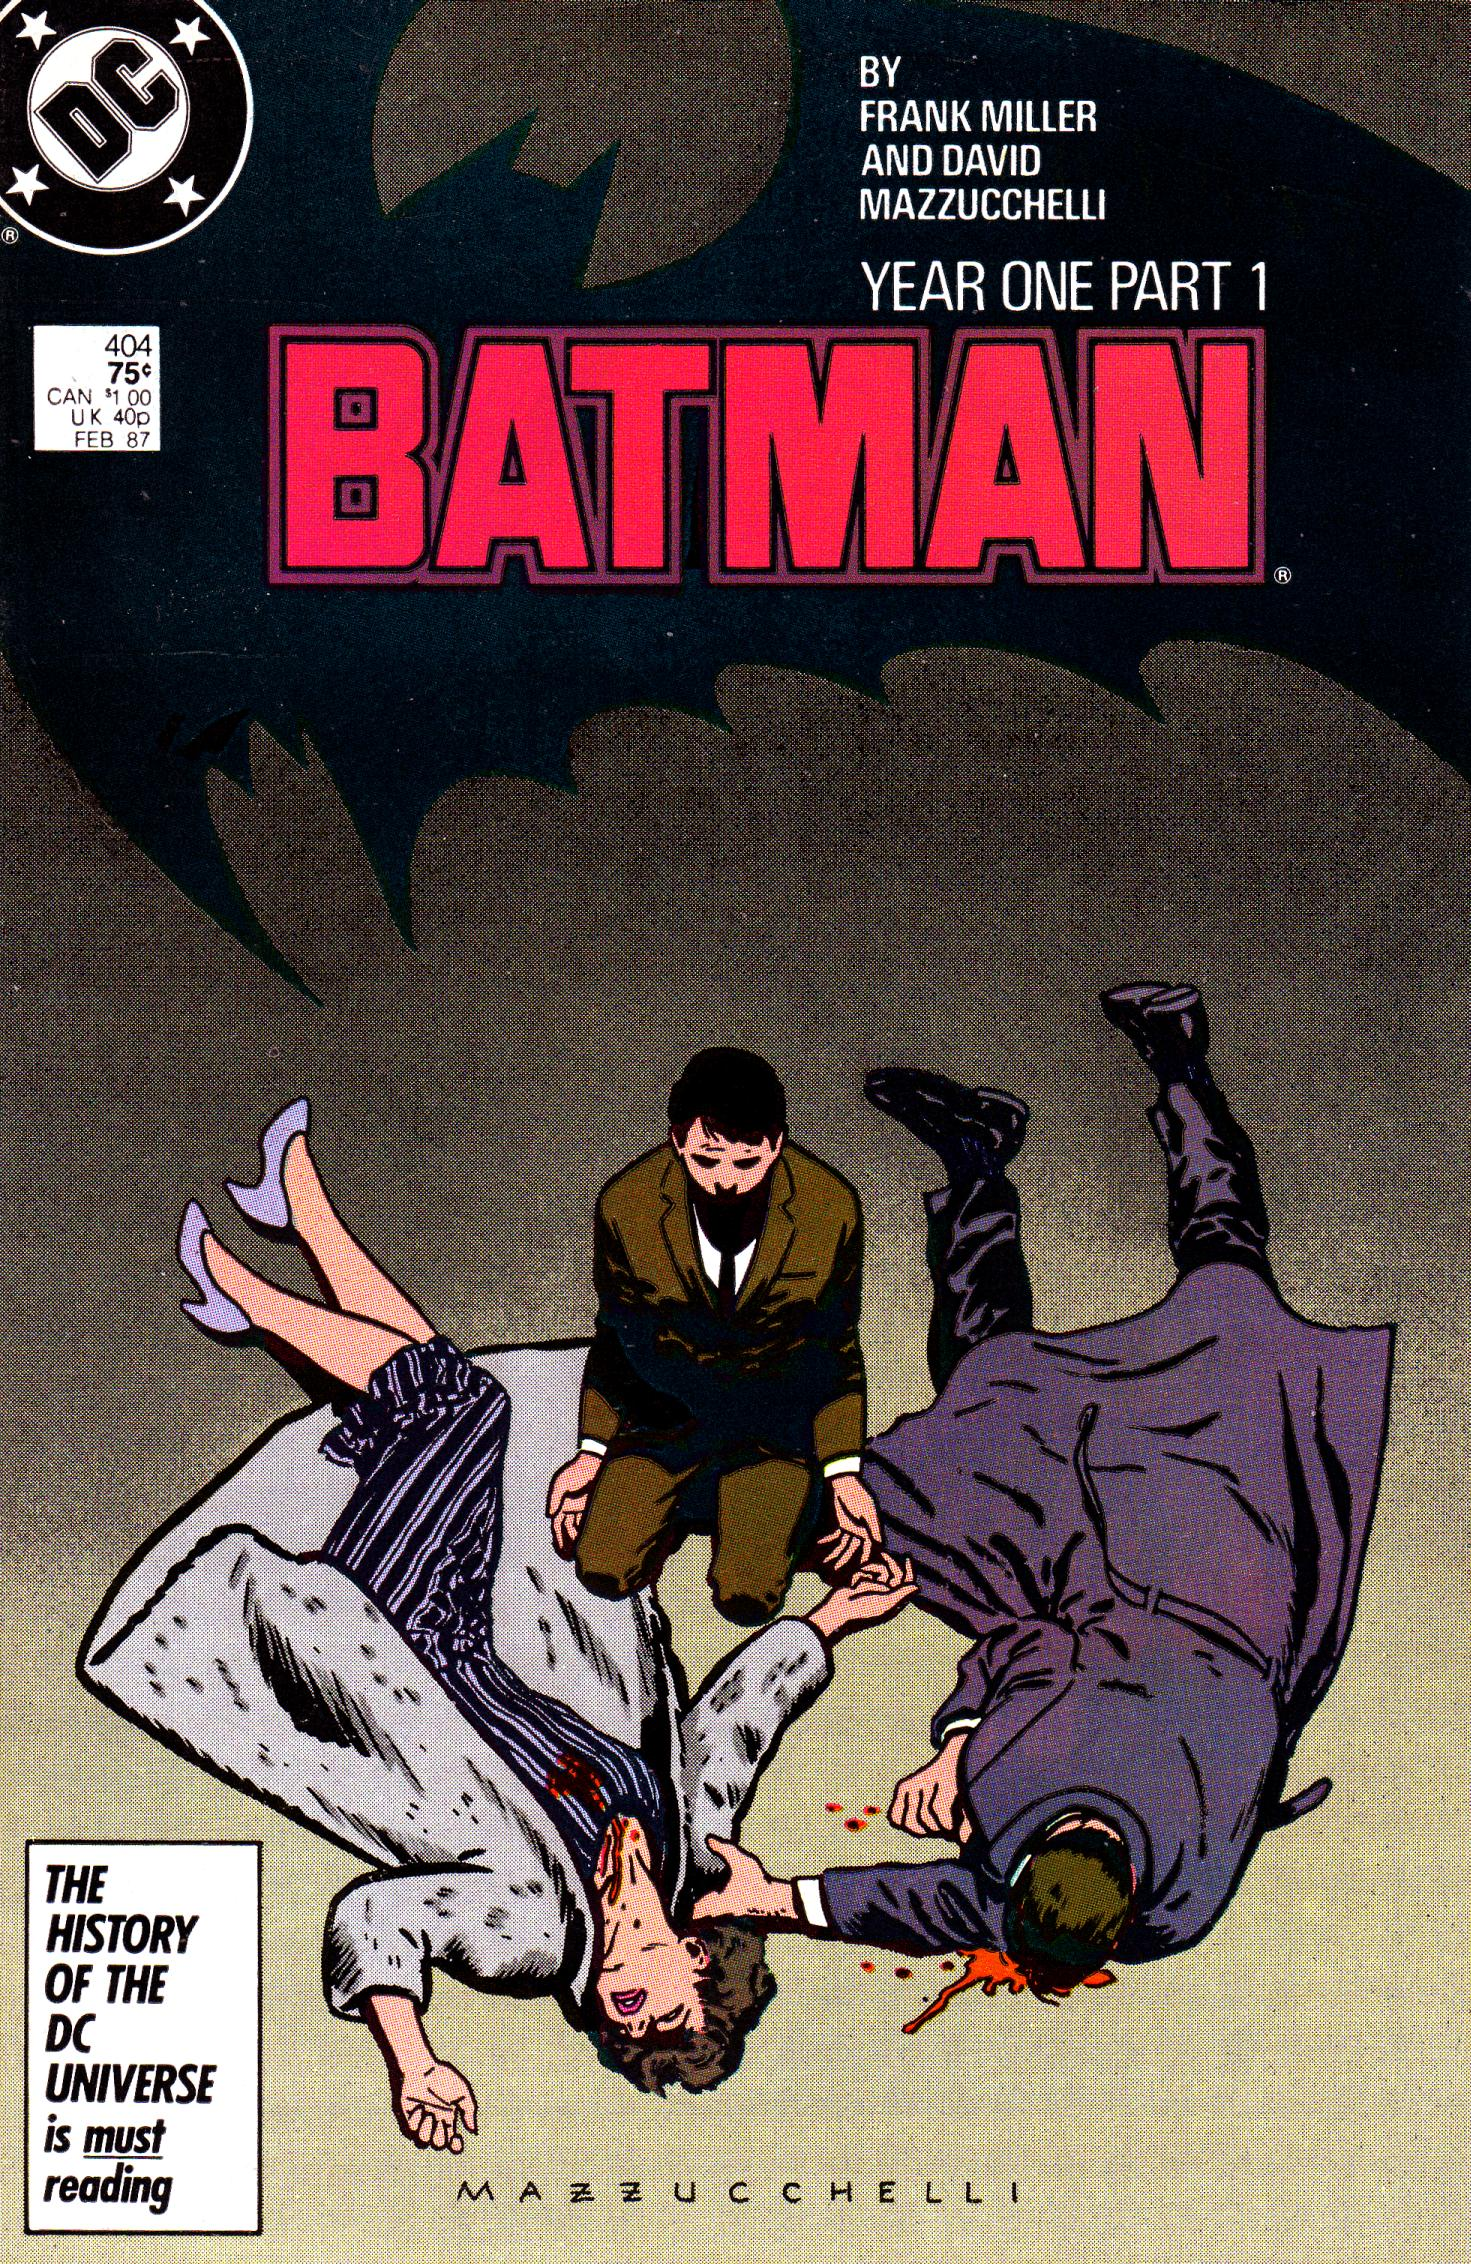 http://vignette1.wikia.nocookie.net/marvel_dc/images/d/d1/Batman_404.jpg/revision/latest?cb=20170220223946